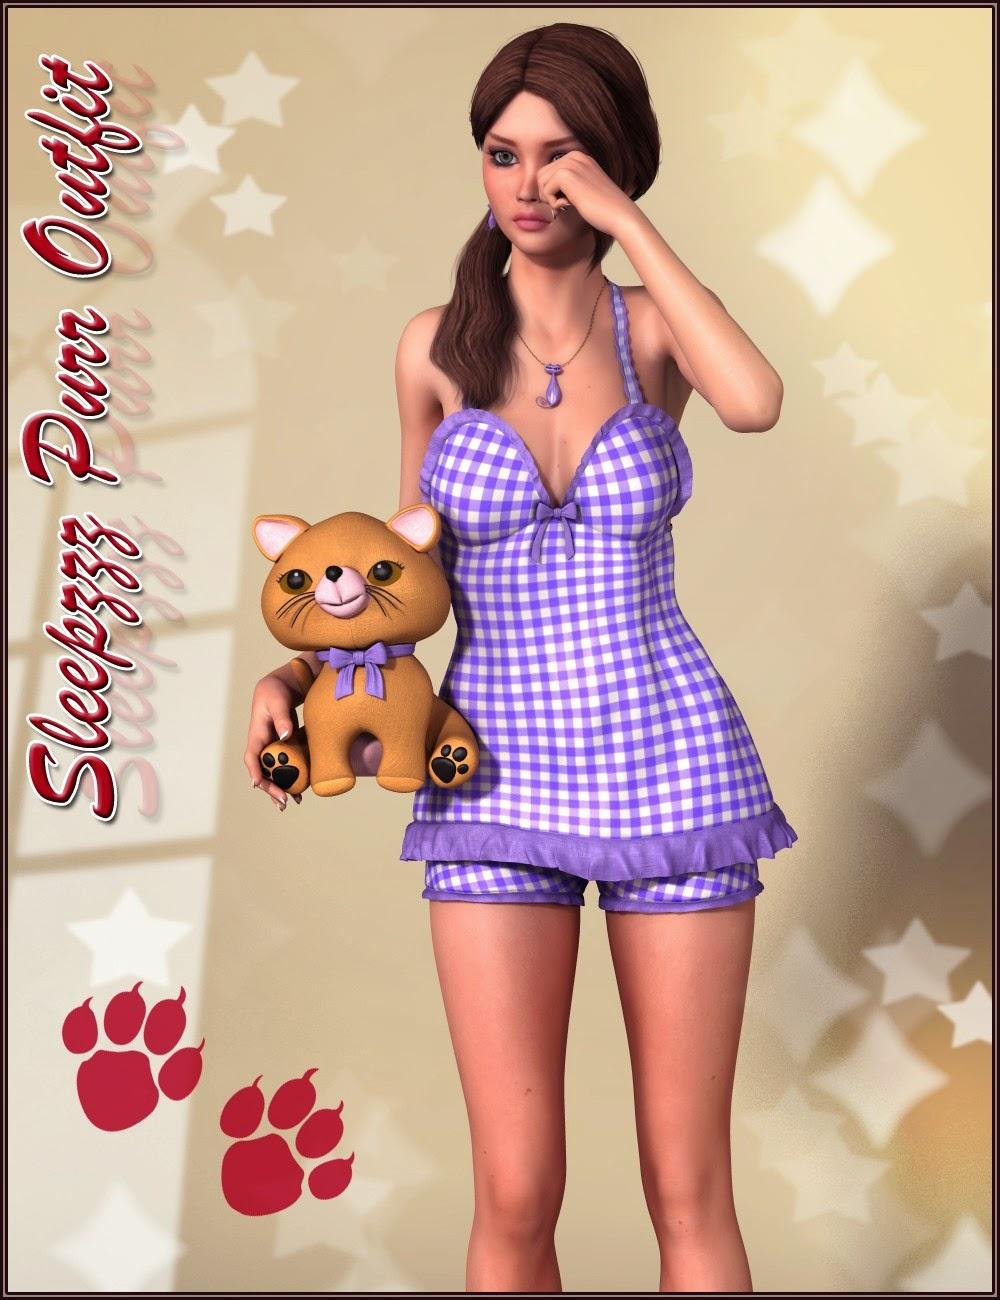 Sleepzzz Purr Outfit et accessoires